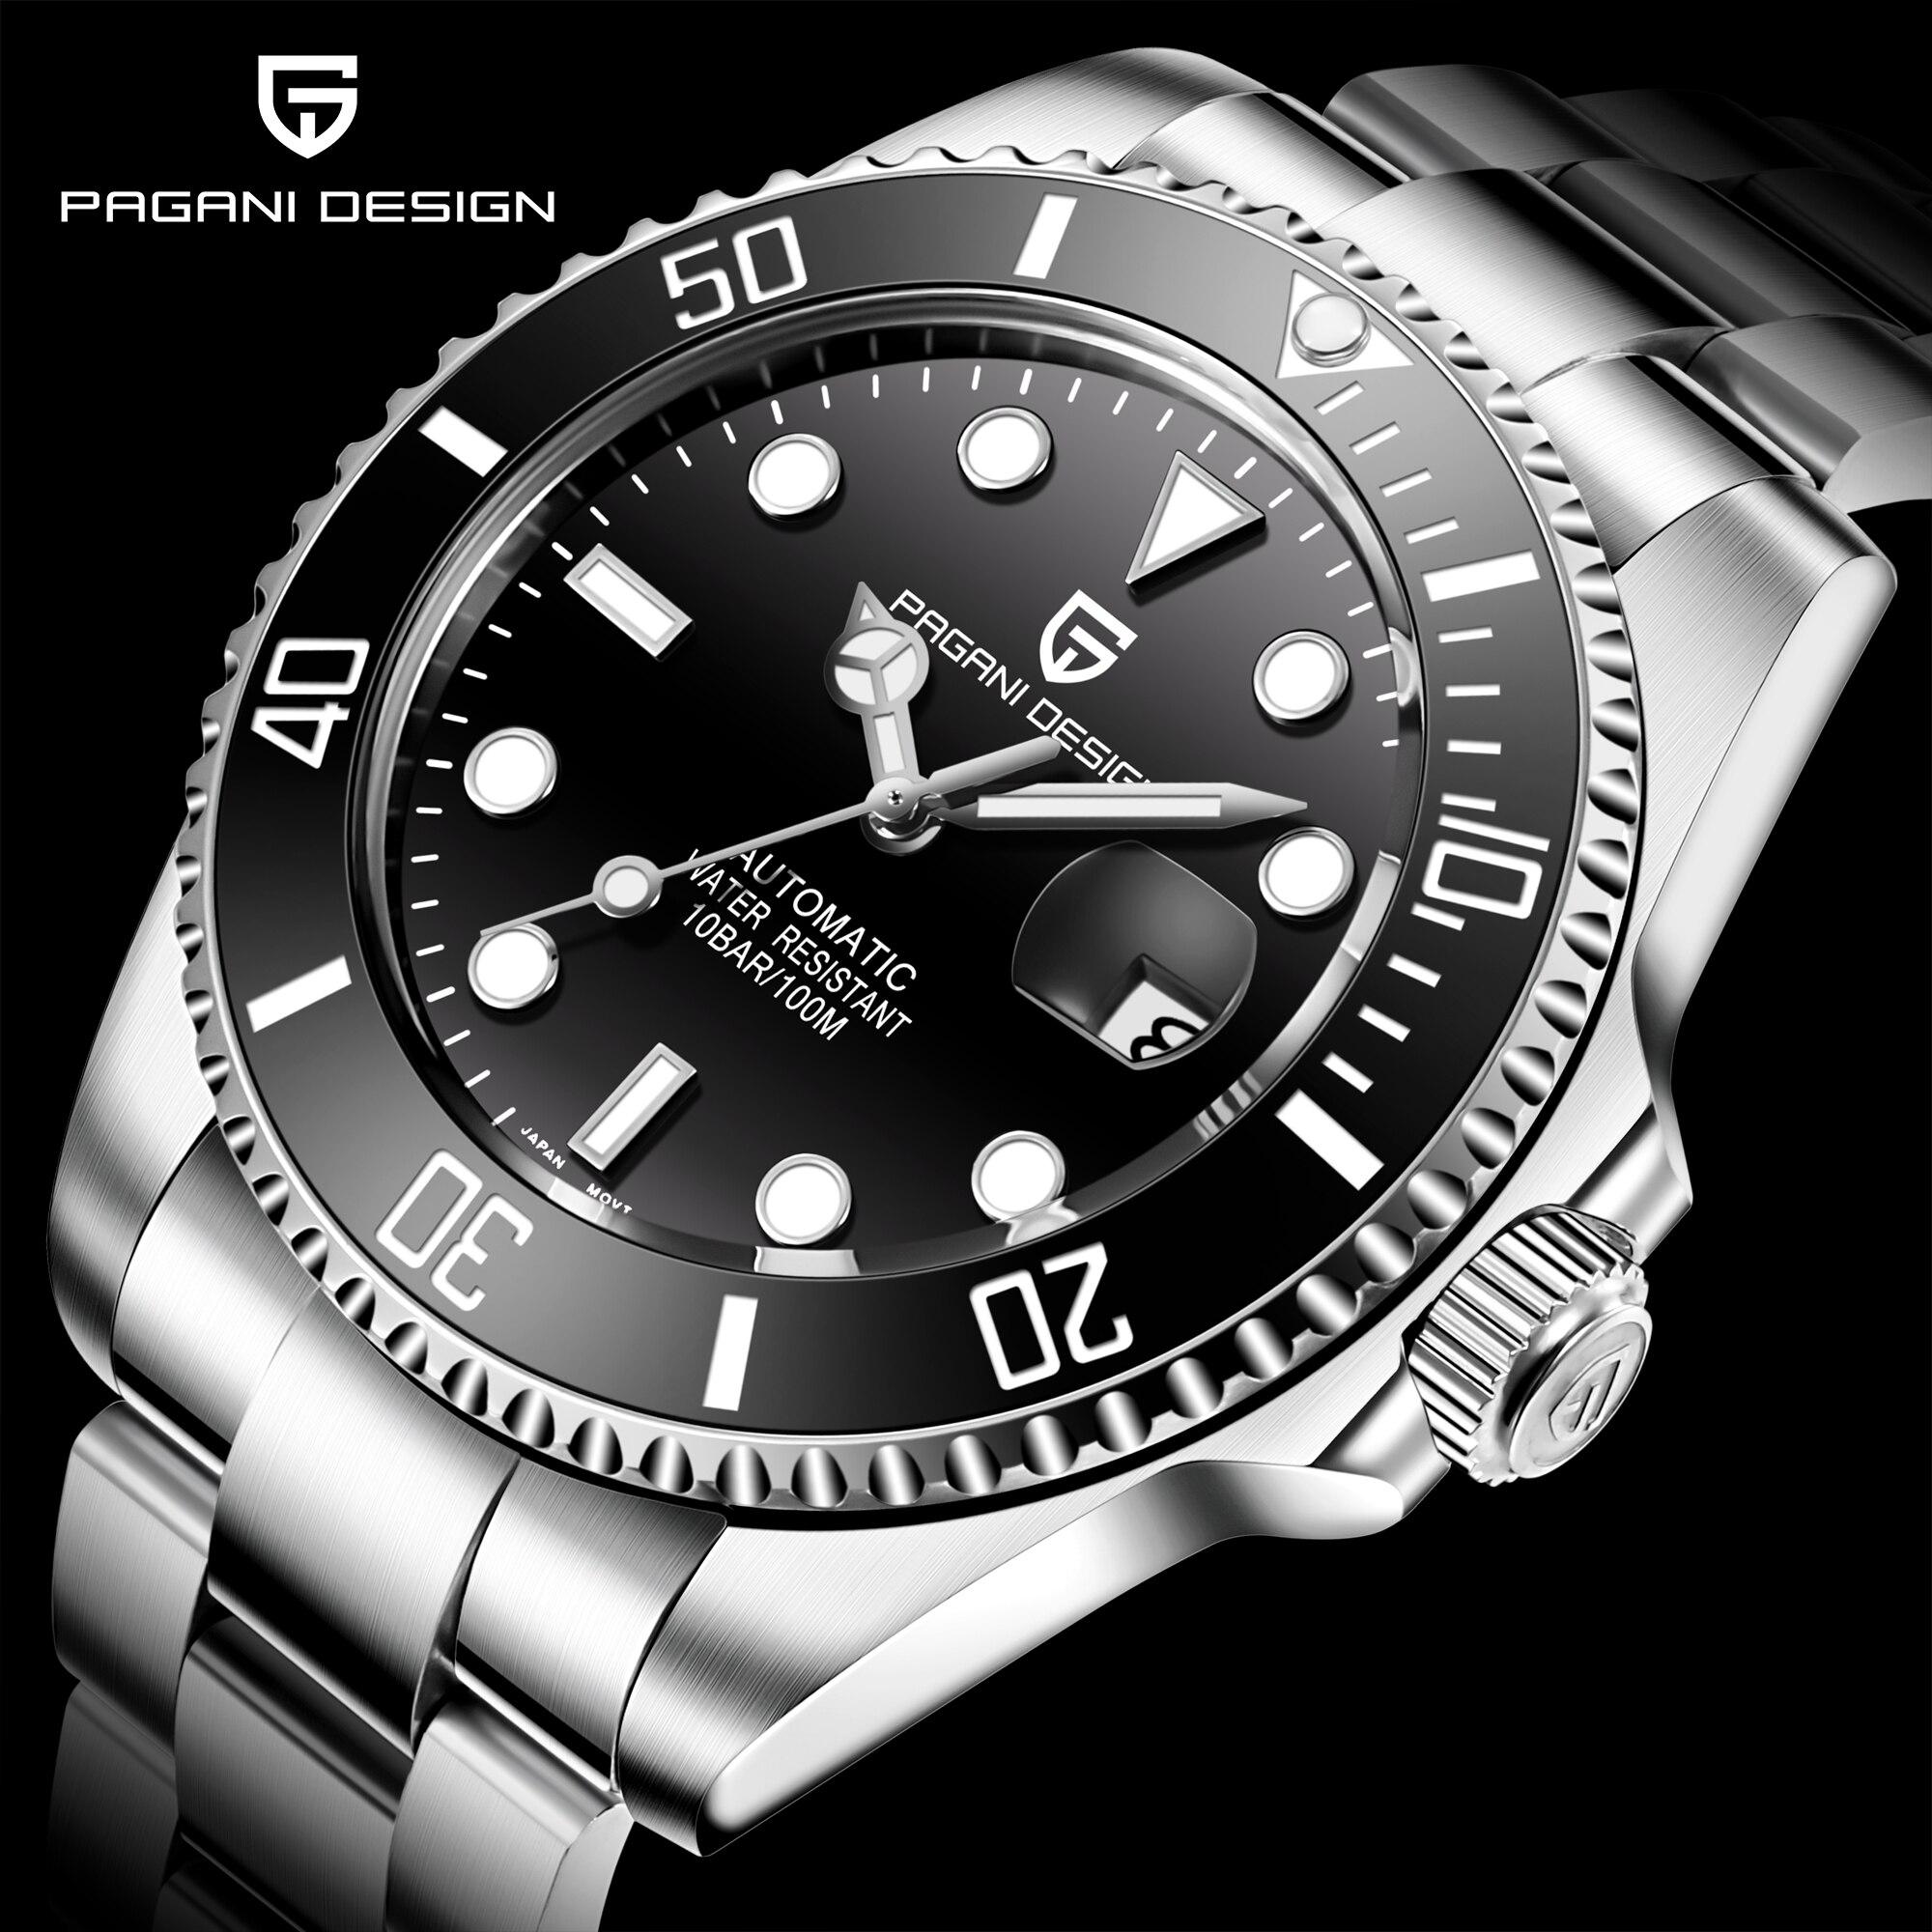 2020 PAGANI DESIGN Brand Automatic Mechanical Men Watch 100M Waterproof Male Sapphire Glass Sports Wrist Watch Relogio Masculino(China)